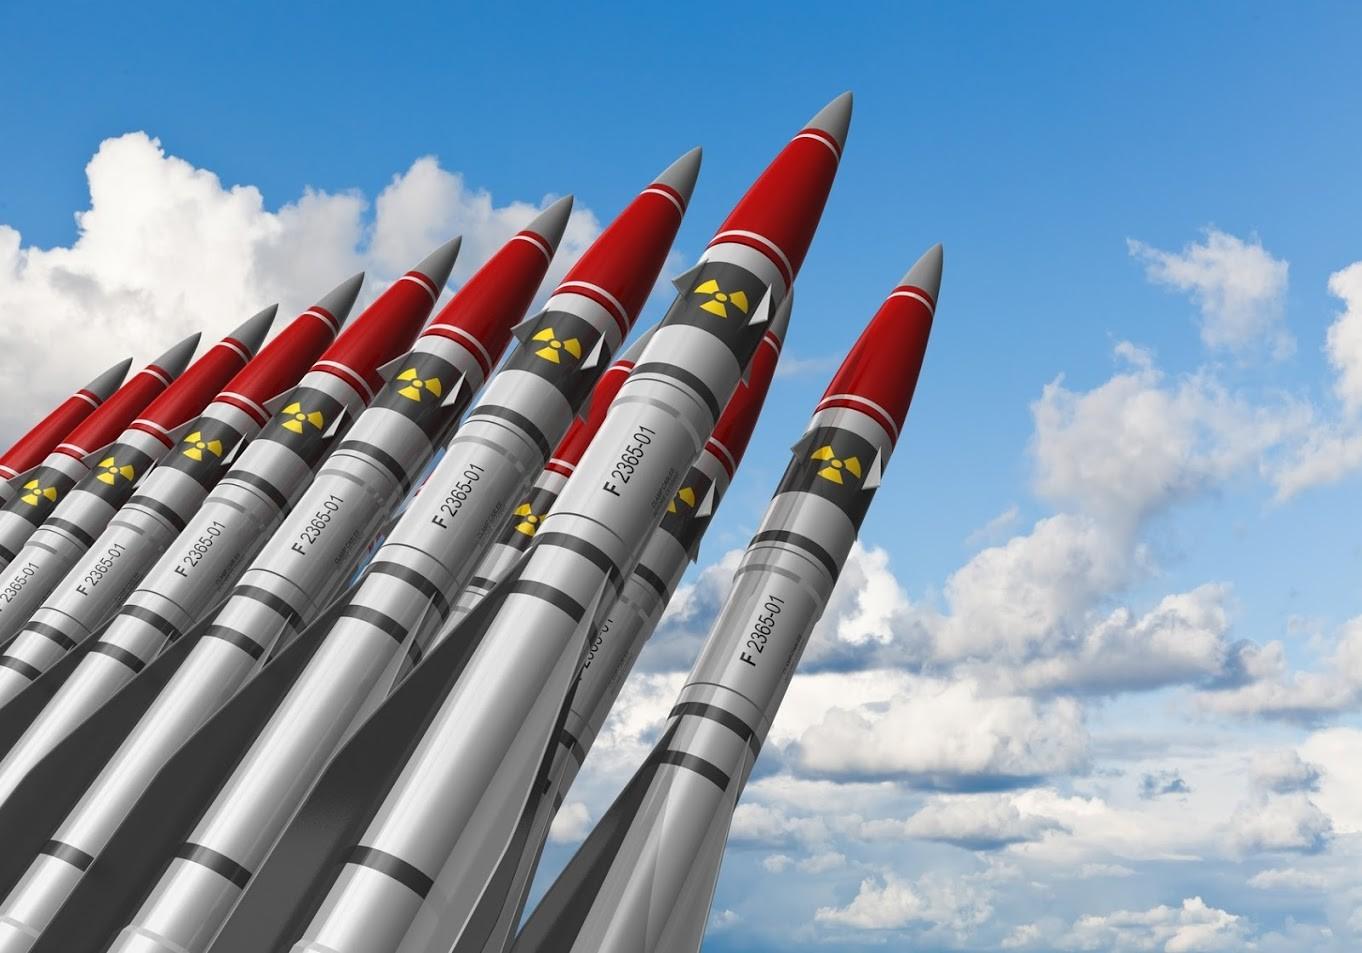 Мир обеспокоен ядерными испытаниями КНДР